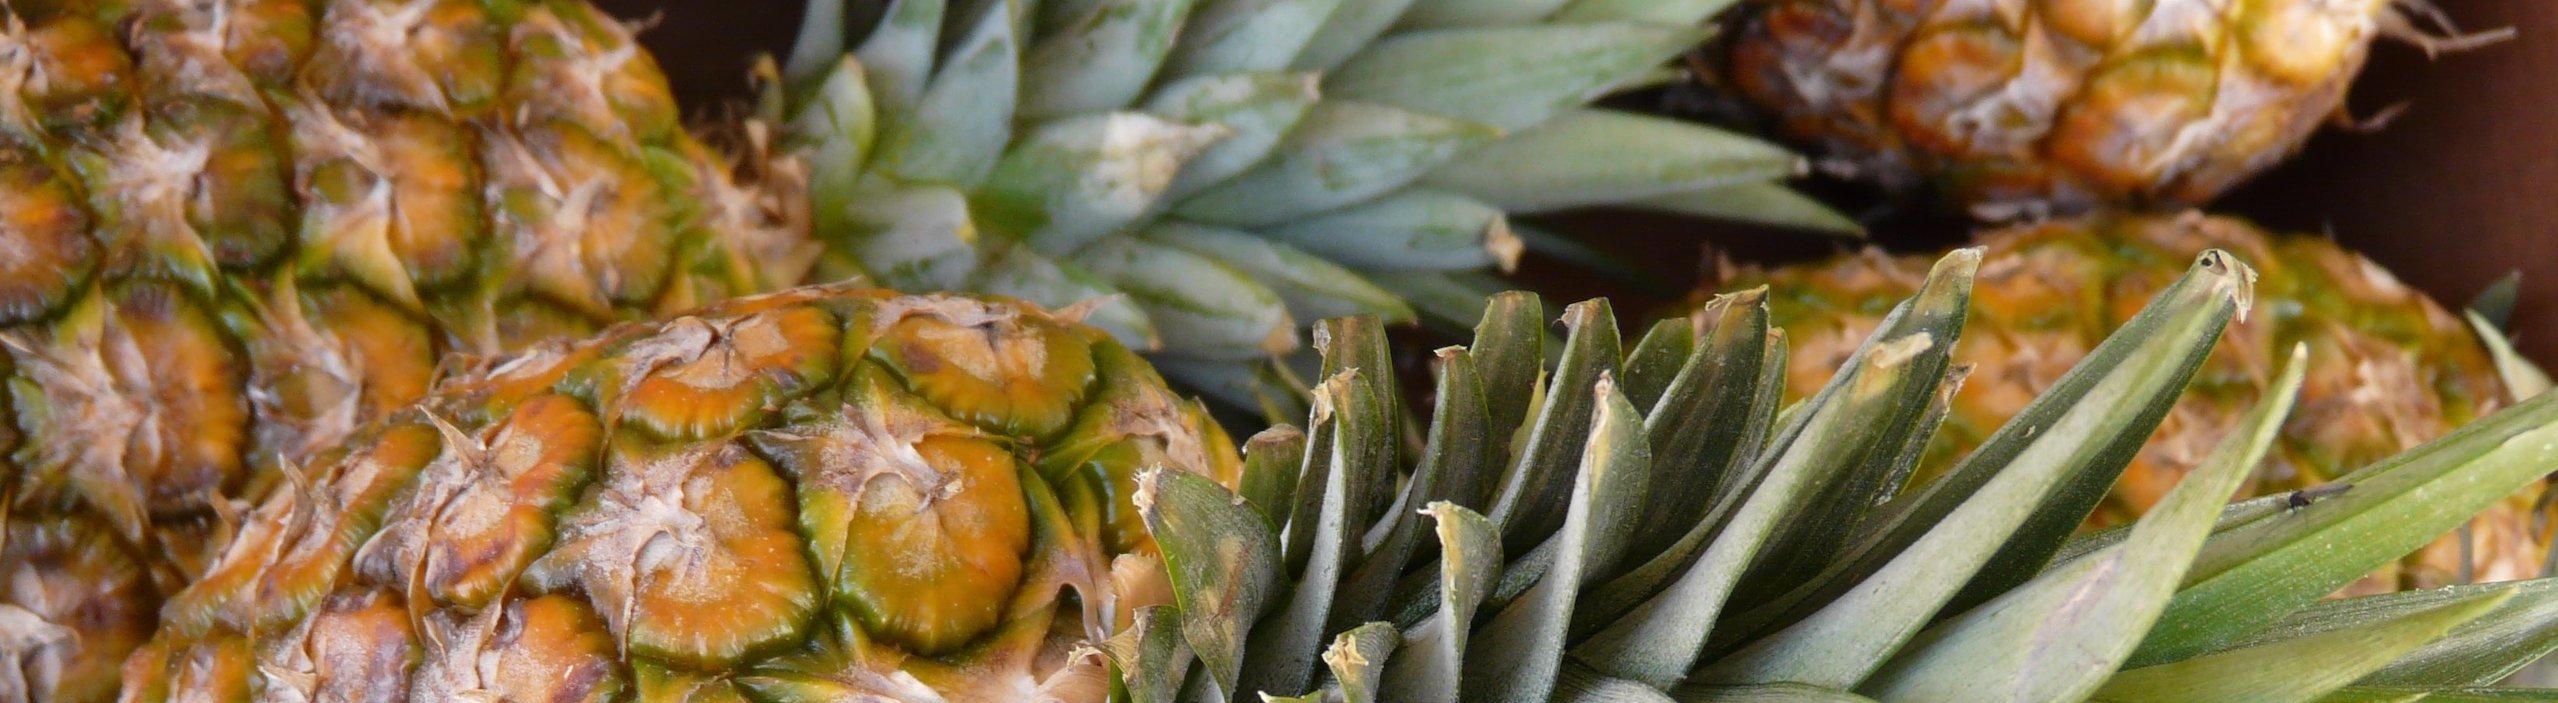 importation ananas - La Ferme de la Métairie